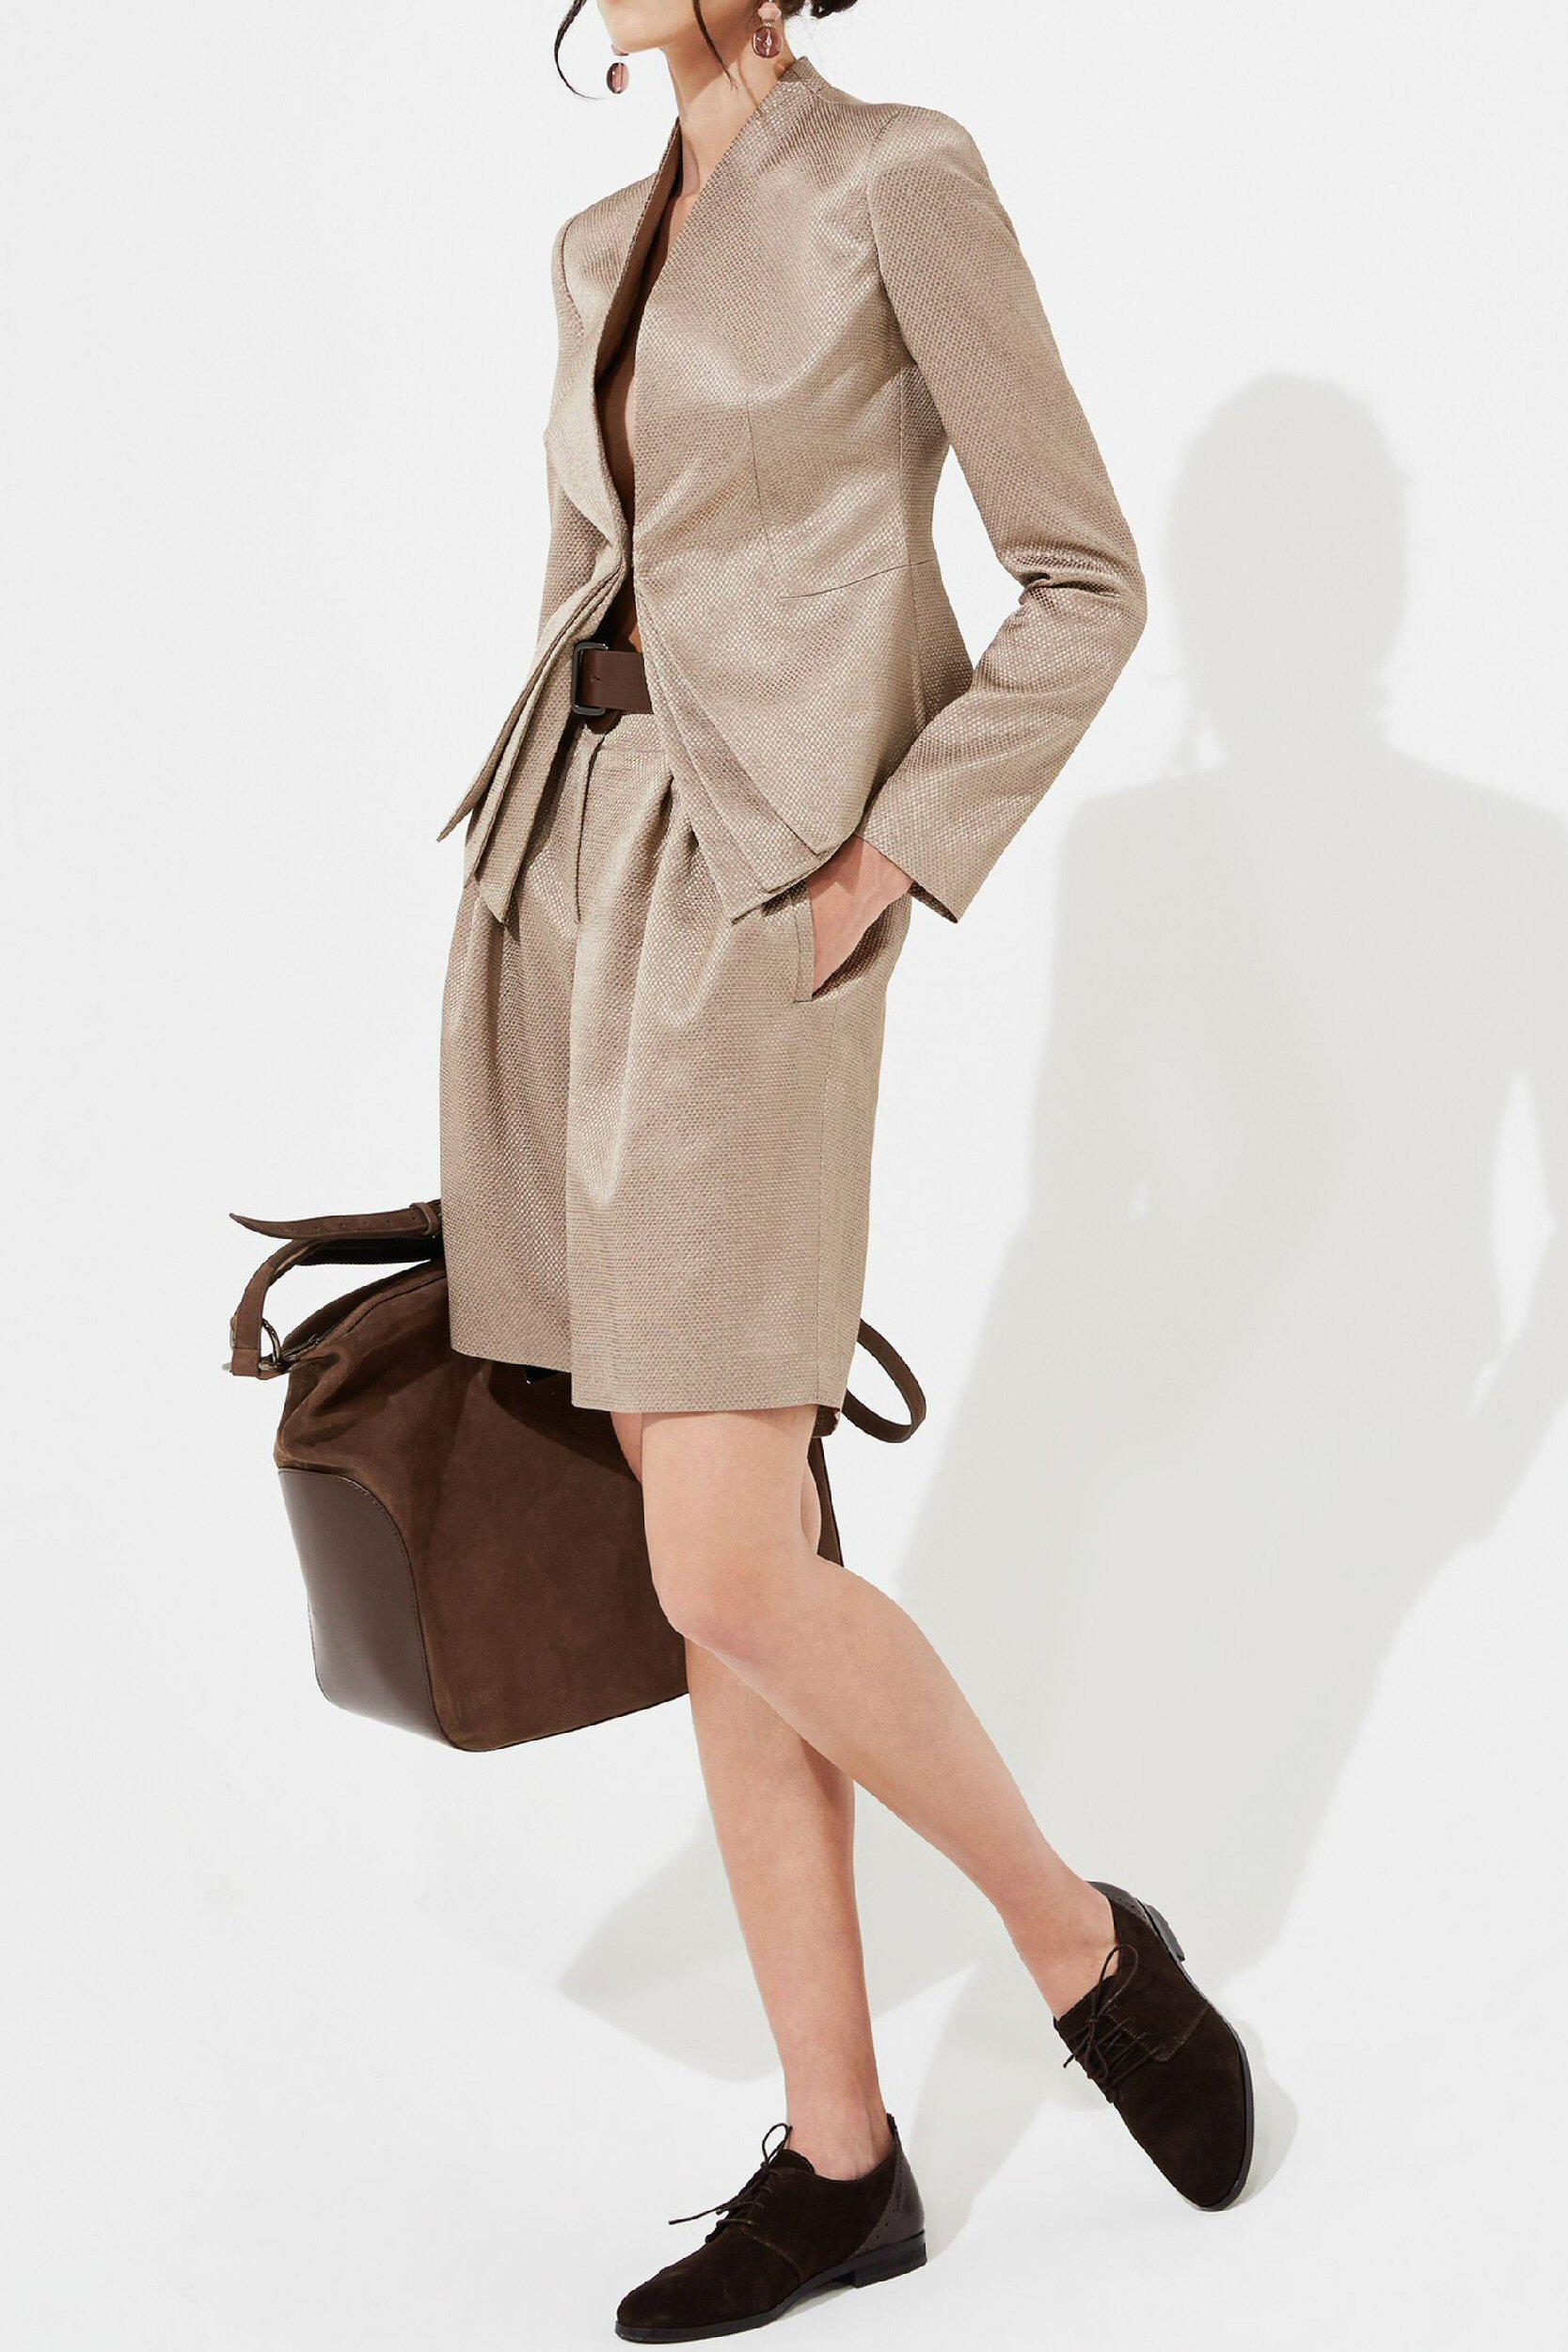 Armani Workwear 16-53